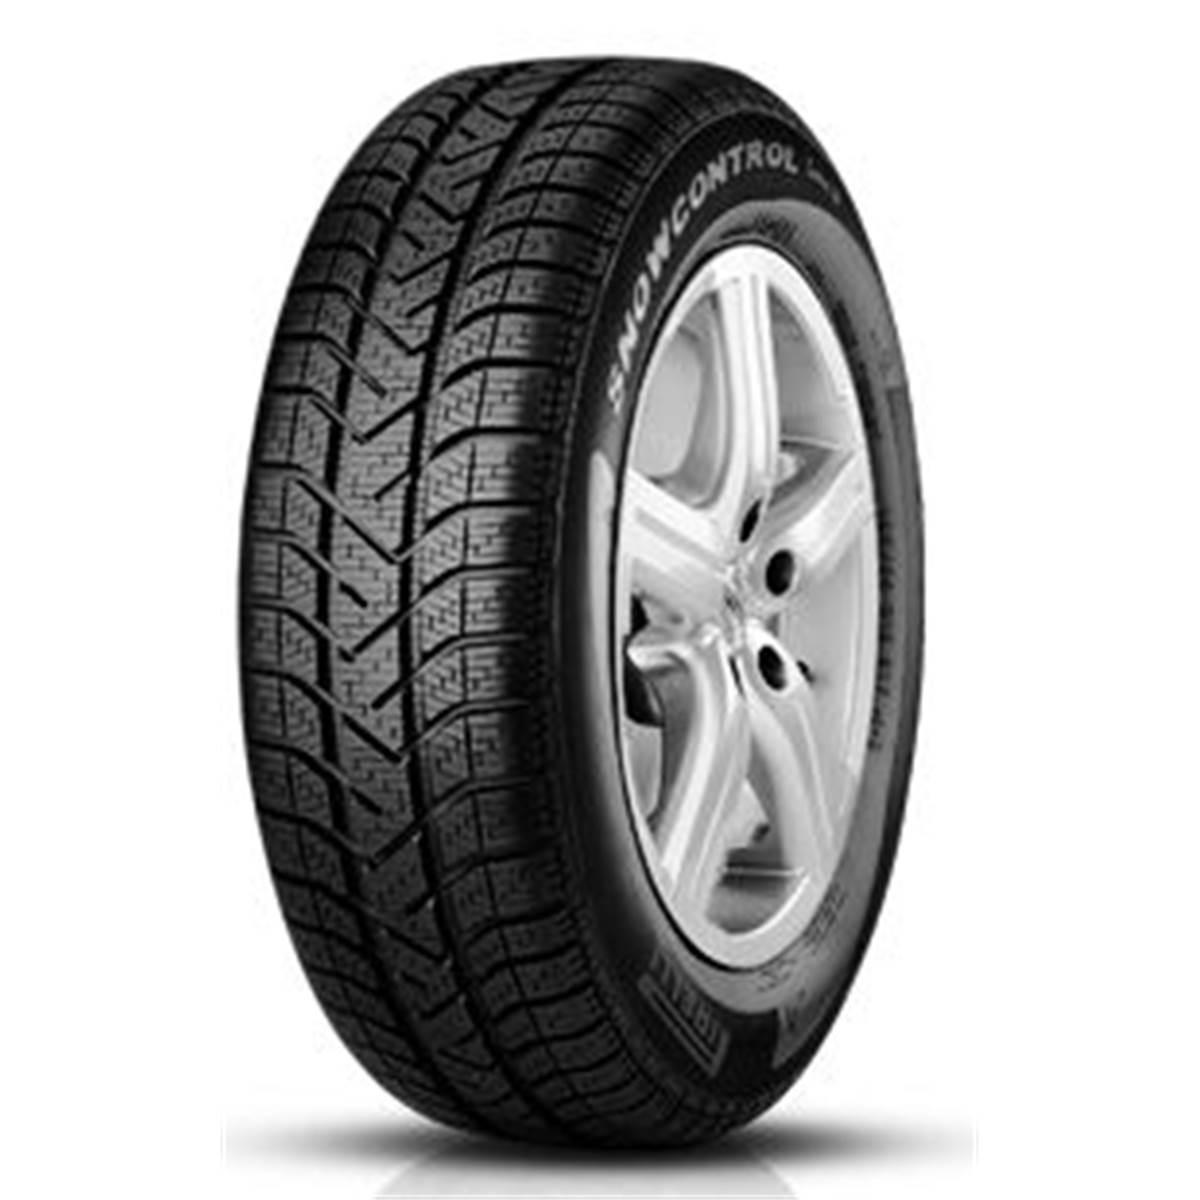 Pneu Hiver Pirelli 185/65R15 88T Winter 190 Snowcontrol Iii